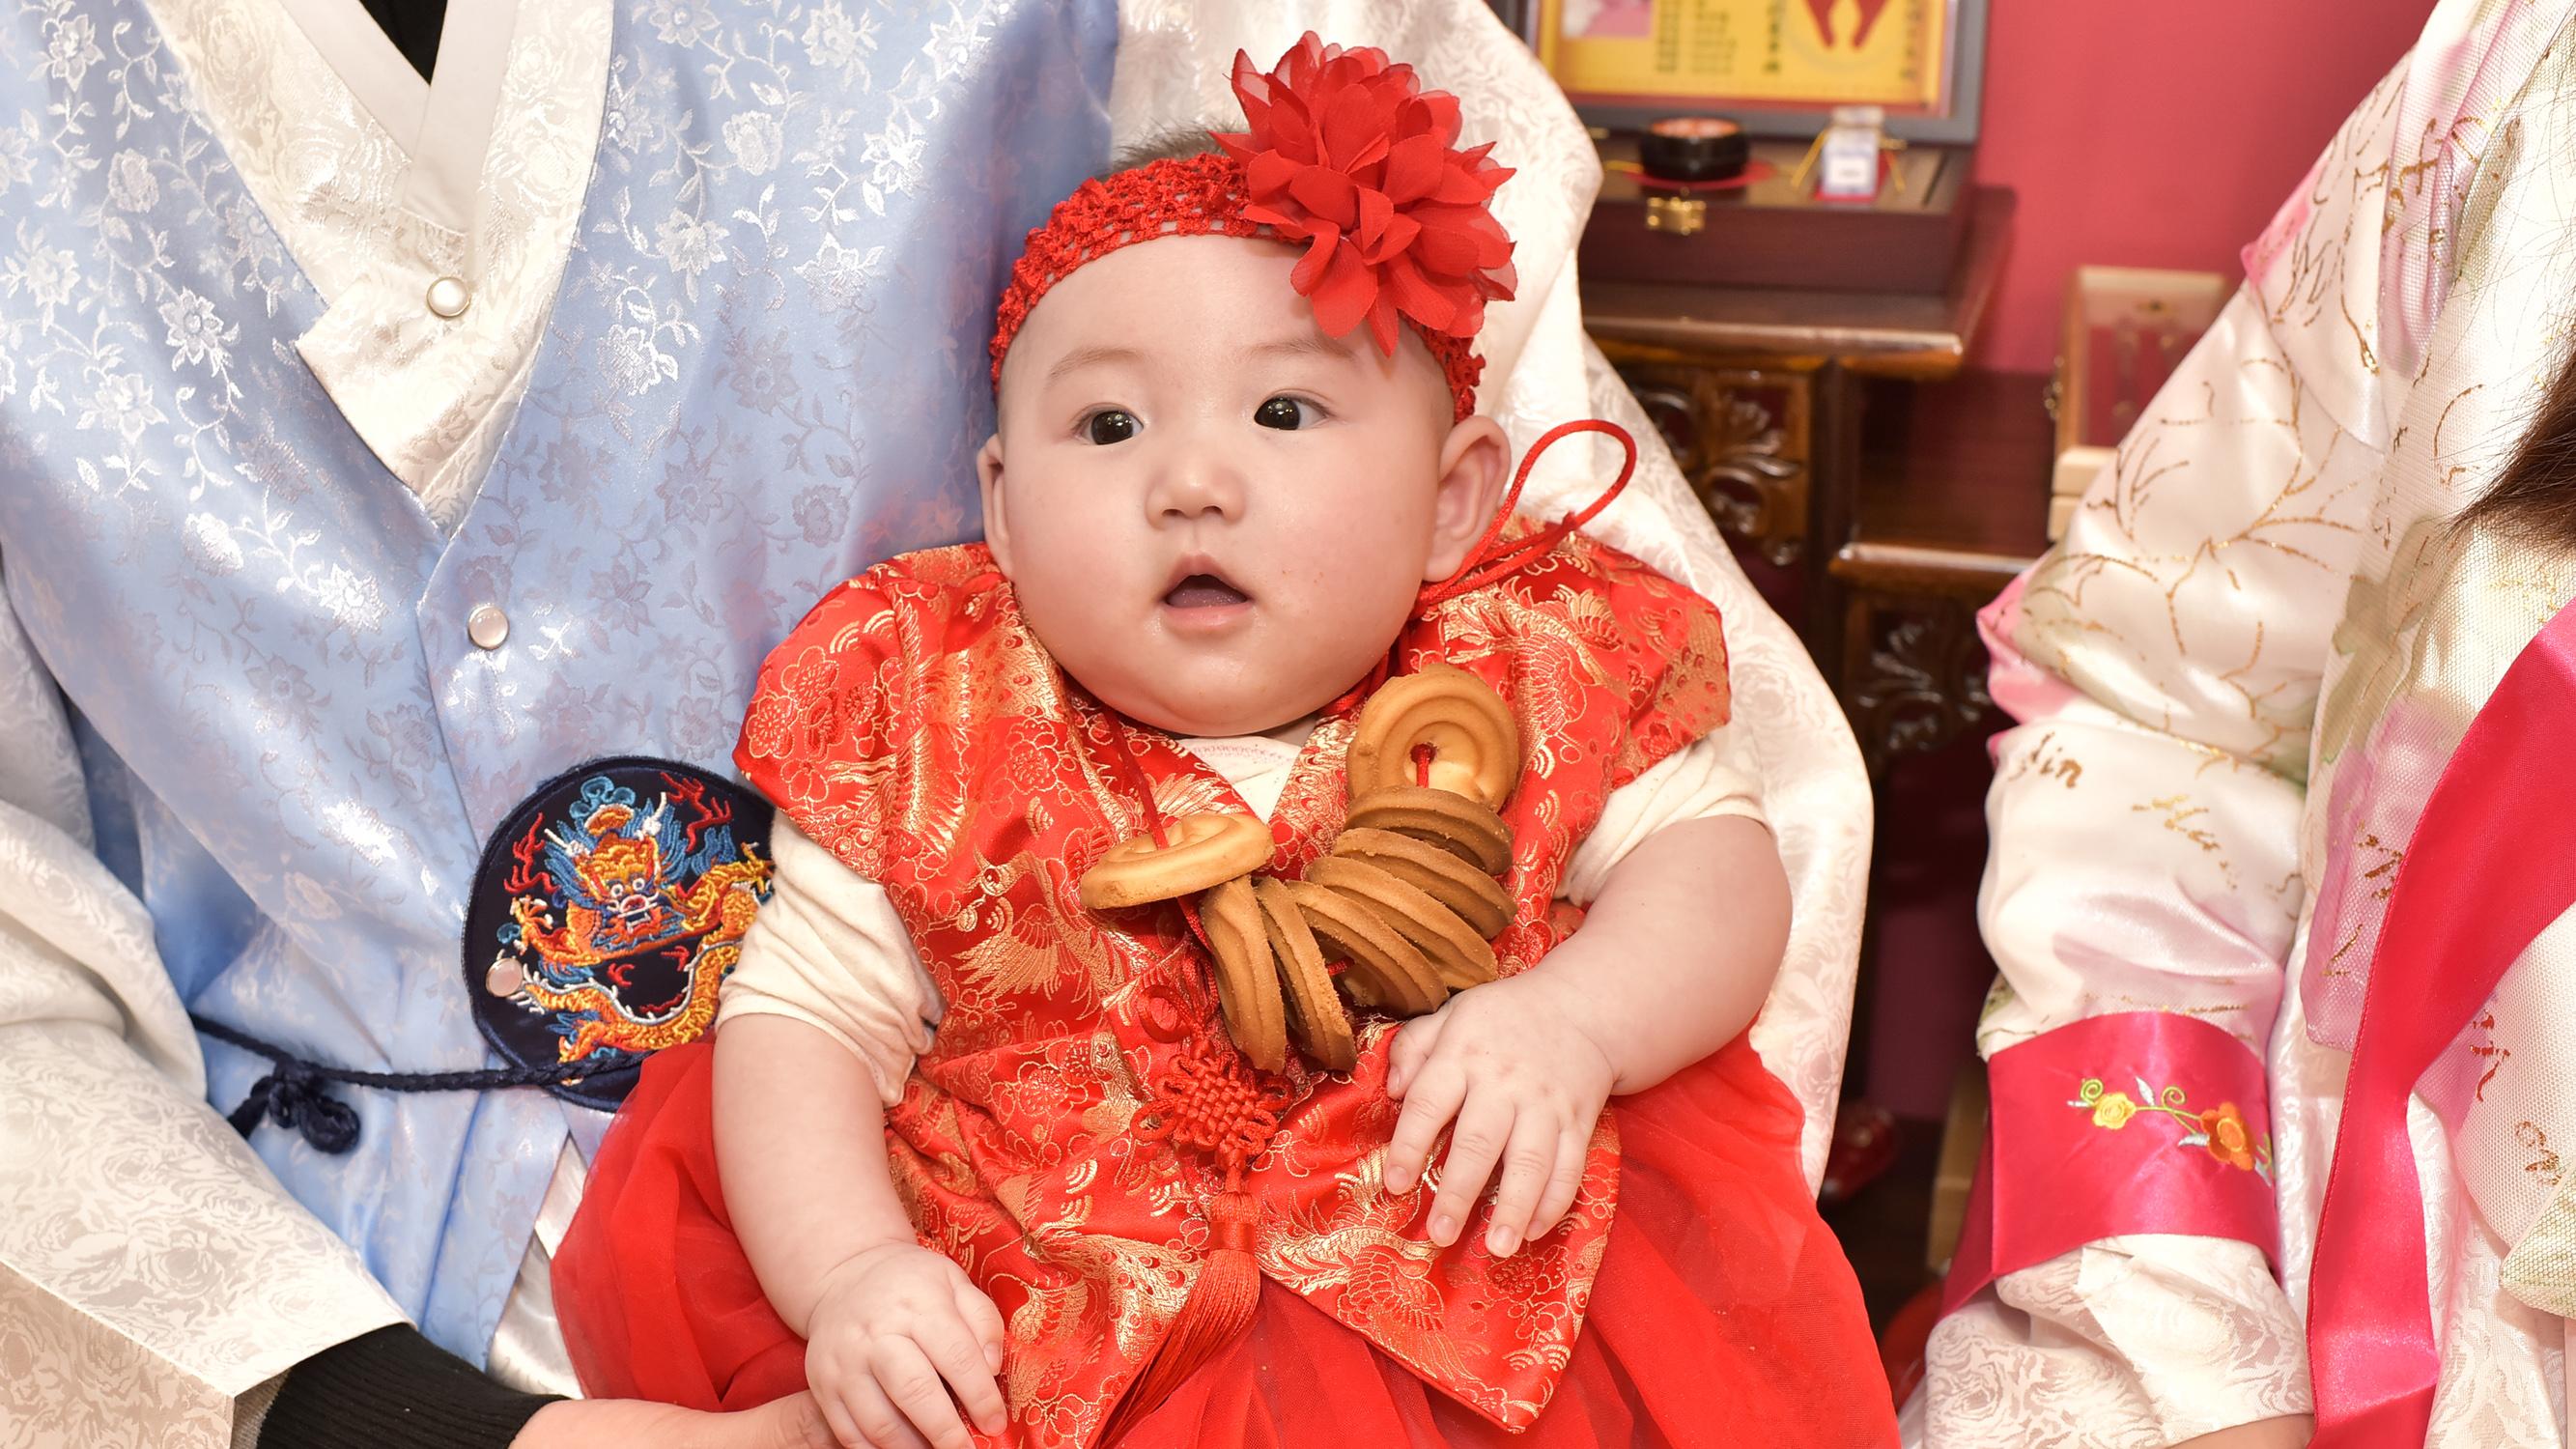 寶寶戴上收涎餅儀式特寫